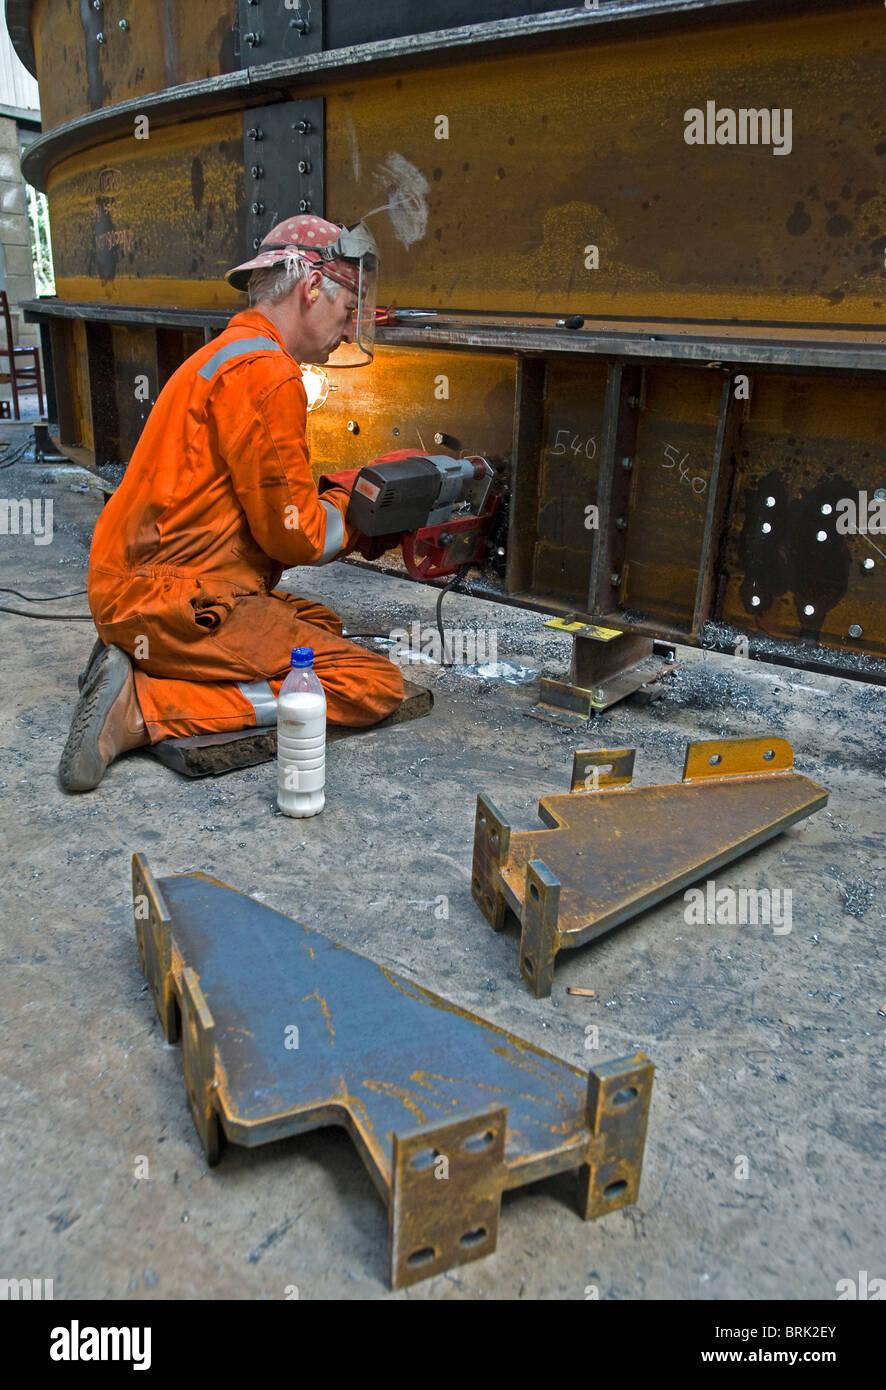 Fabricação de aço, Carrickfergus, da Irlanda do Norte. Imagens de Stock